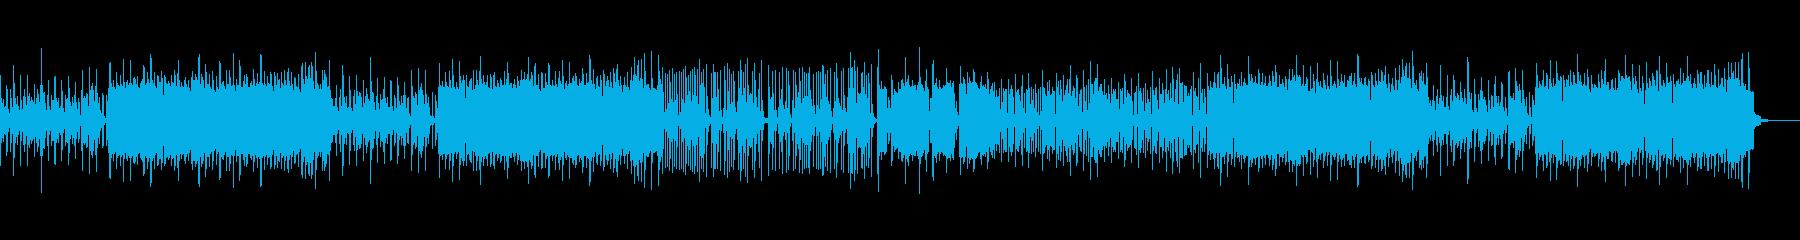 コミカルな日常 チップチューン×伝統音楽の再生済みの波形